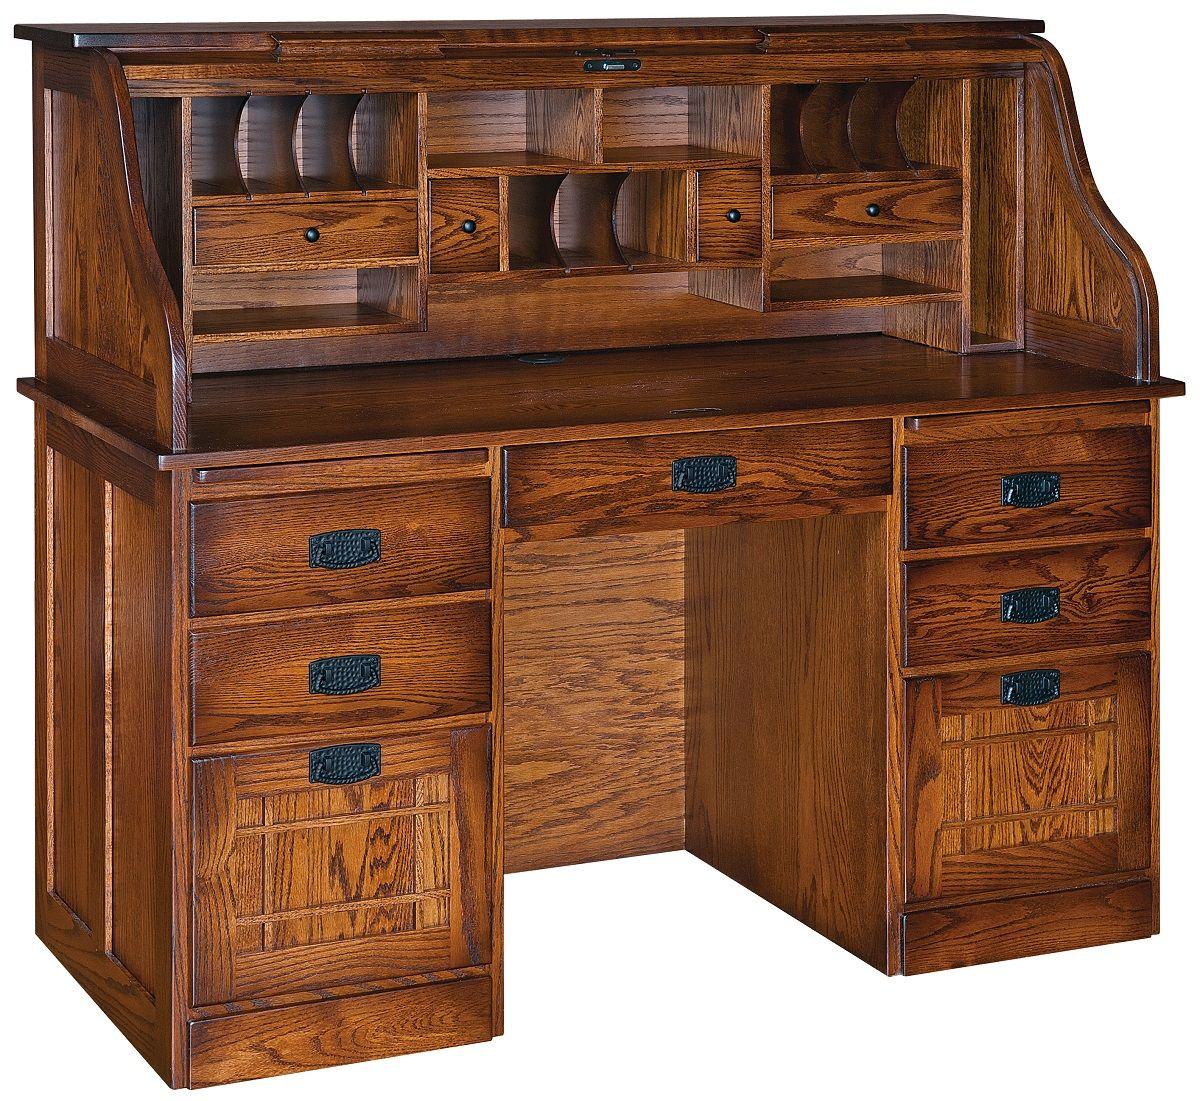 Wordsmith's Roll Top Desk in Oak